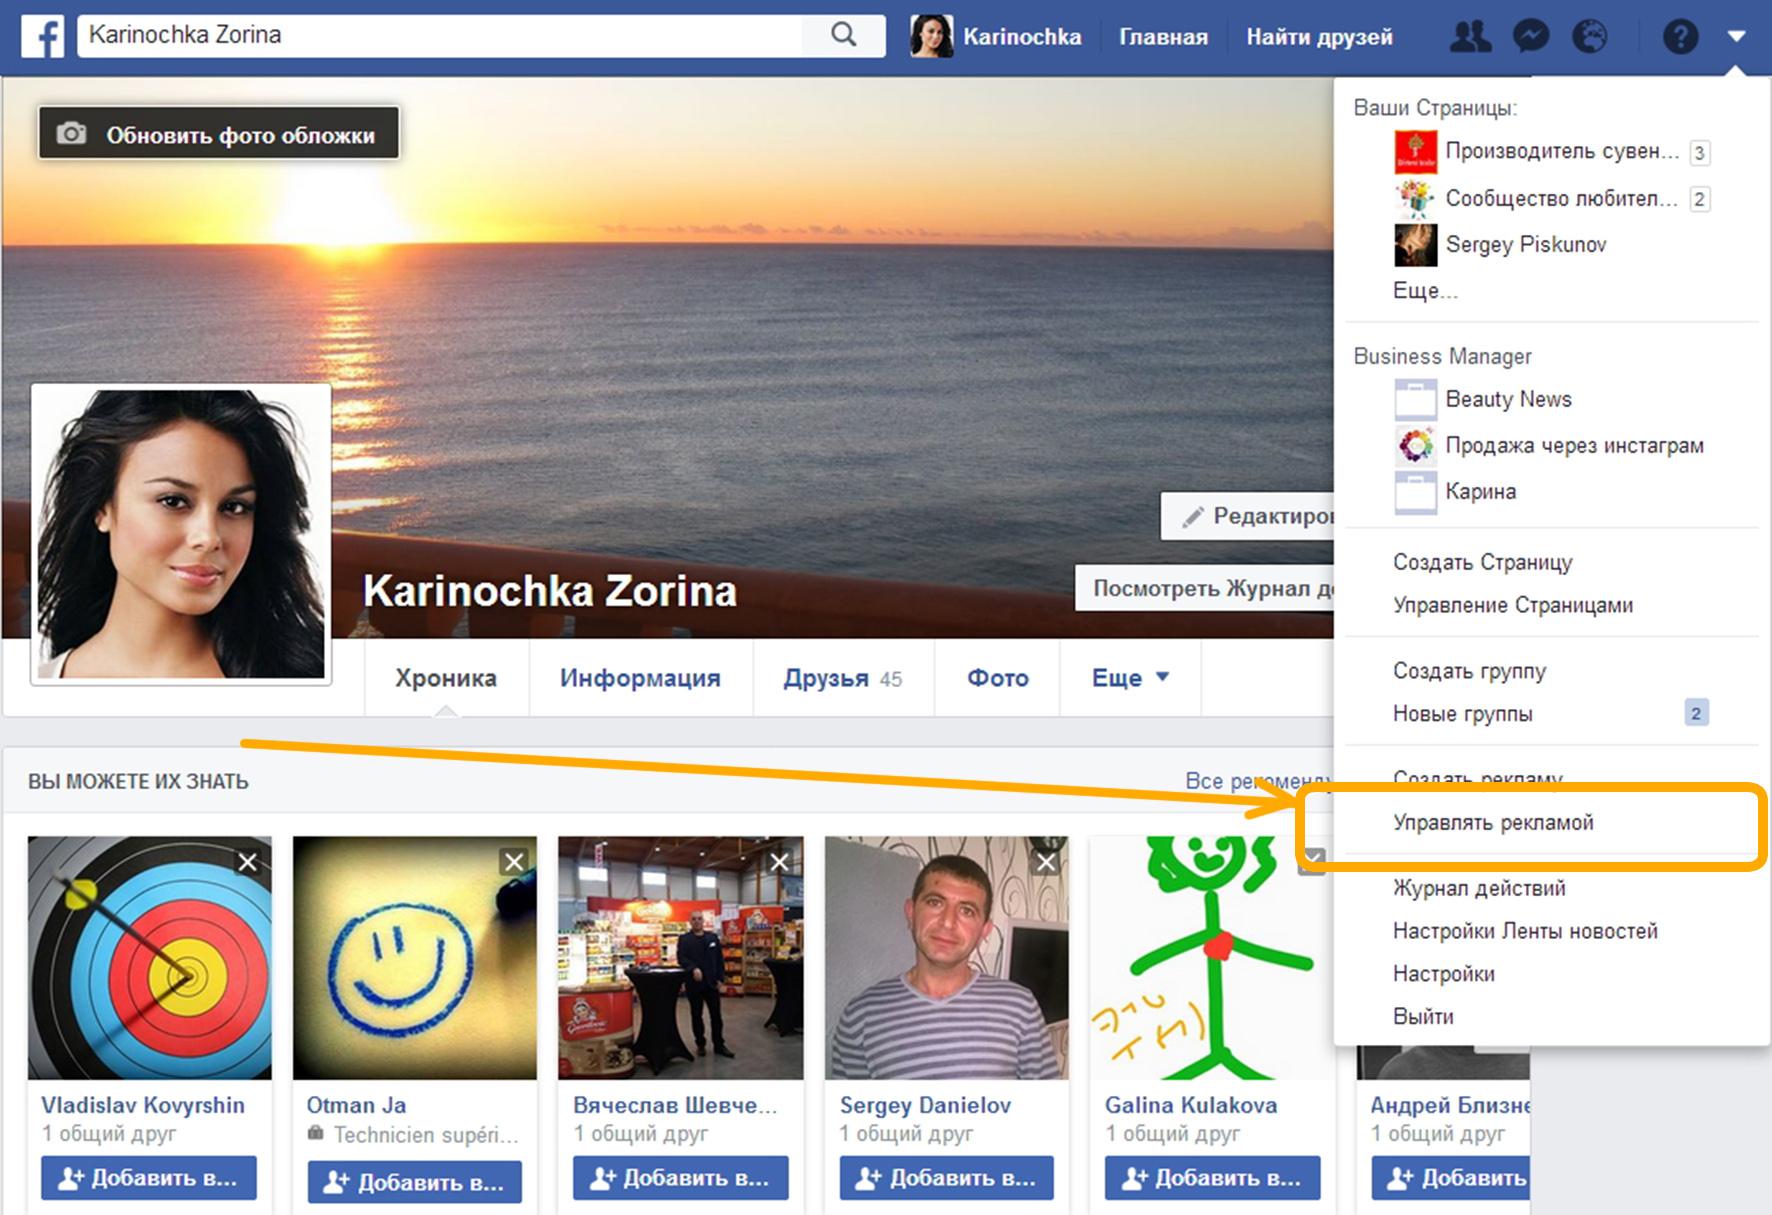 Как выглядит кнопка для доступа в рекламный менеджер Фейсбук, в случае повторного входа и создания рекламы.